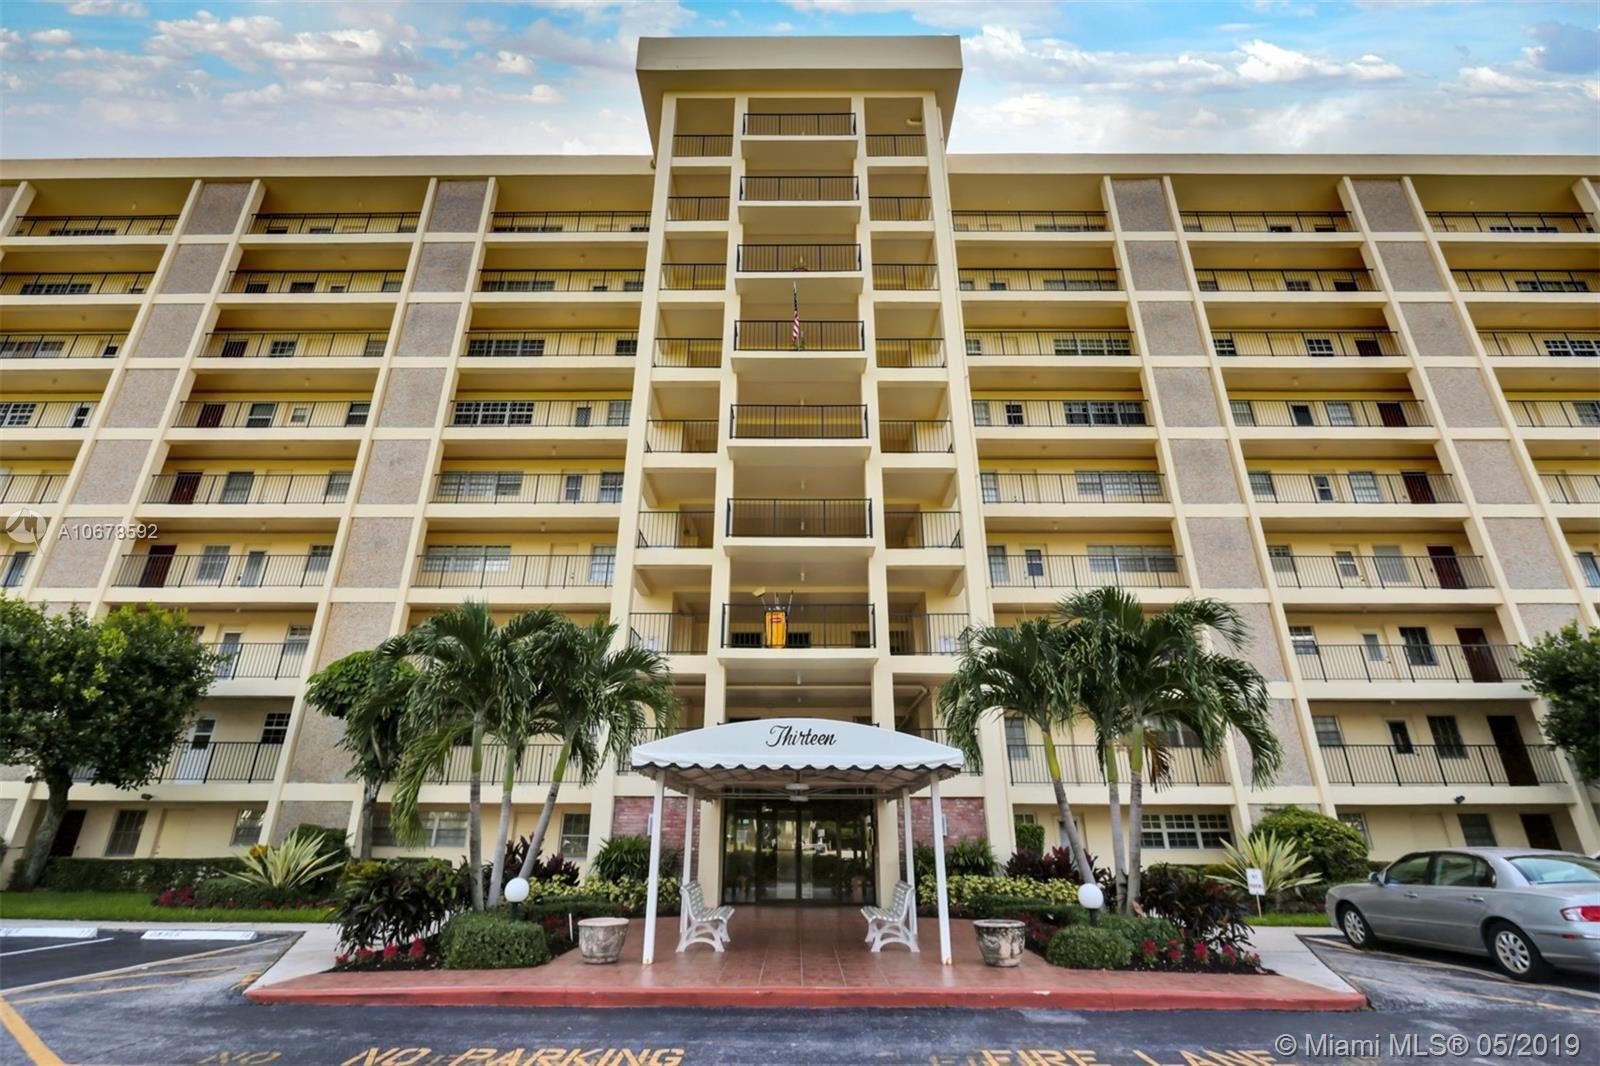 3300 N Palm Aire Dr Pompano Beach Fl 33069 Usa Miami